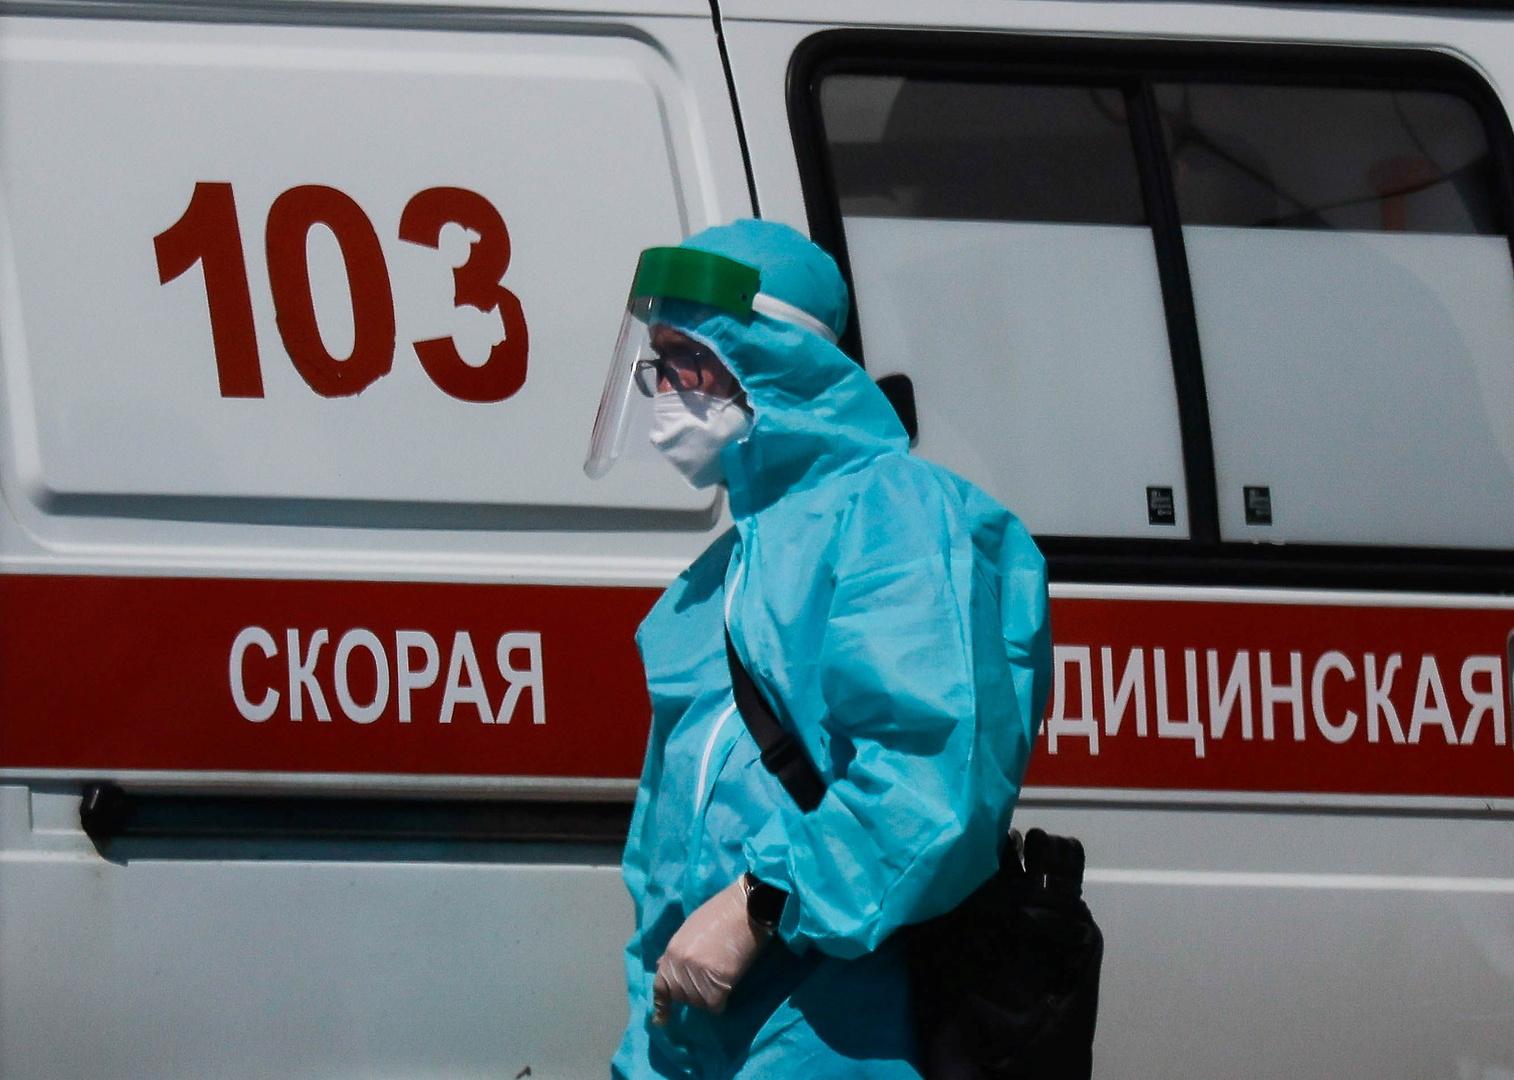 موسكو وبطرسبورغ تسجلان زيادة قياسية في عدد الوفيات بسبب كورونا